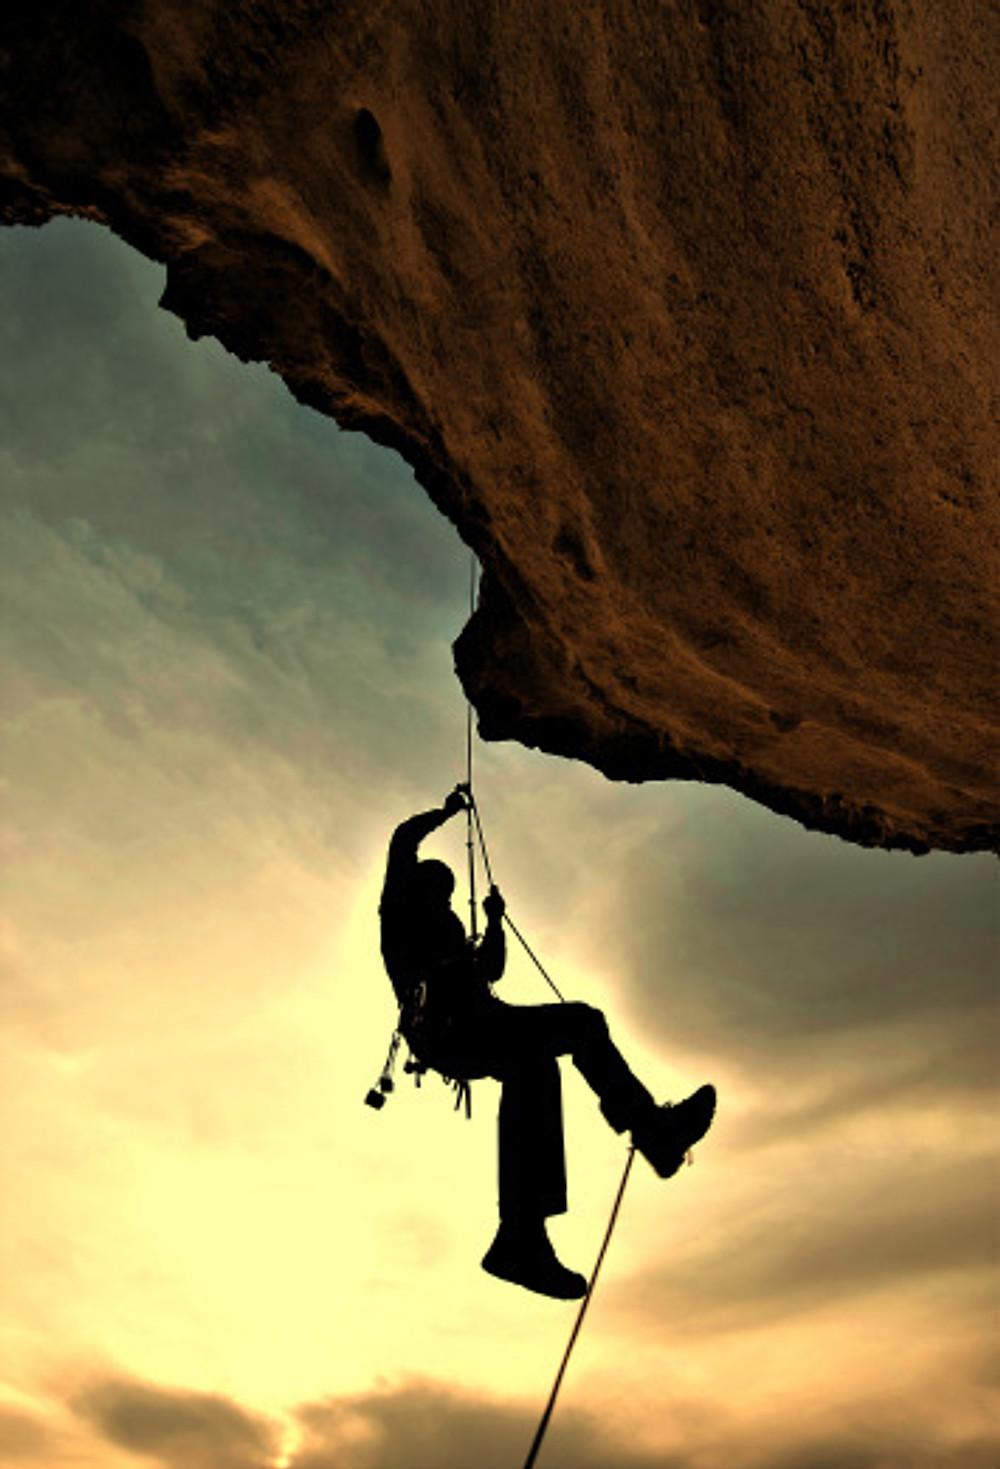 climber-299018